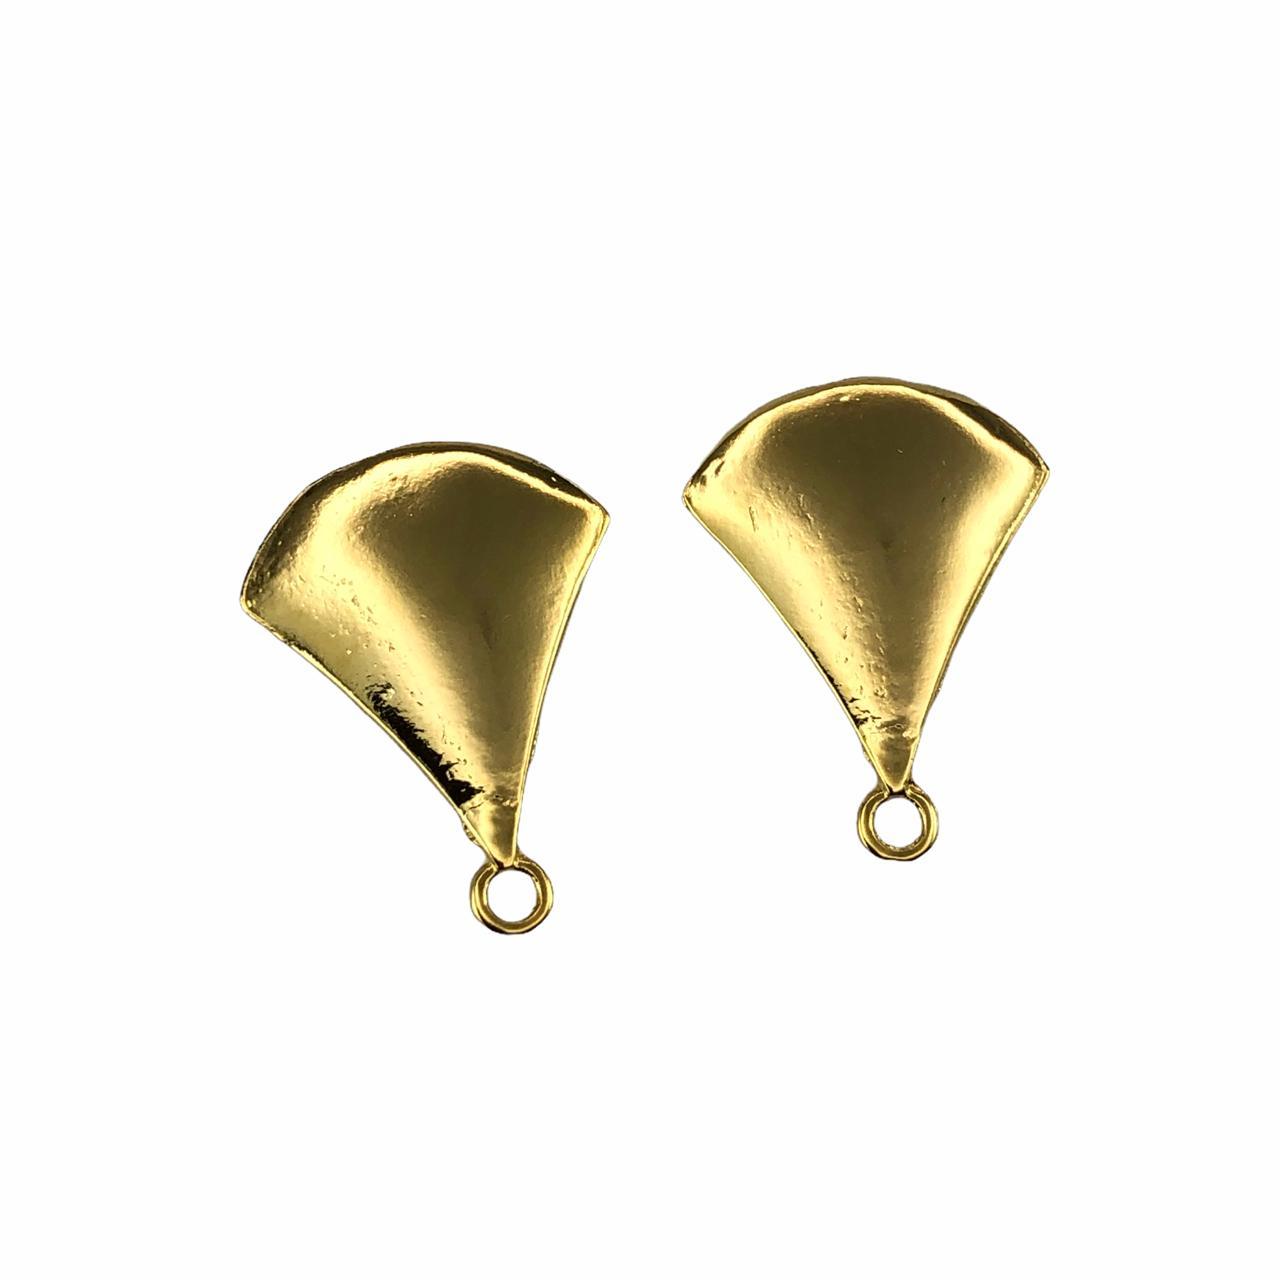 BP1703 - Base de Brinco Triangular Banhado Cor Dourado - 01Par